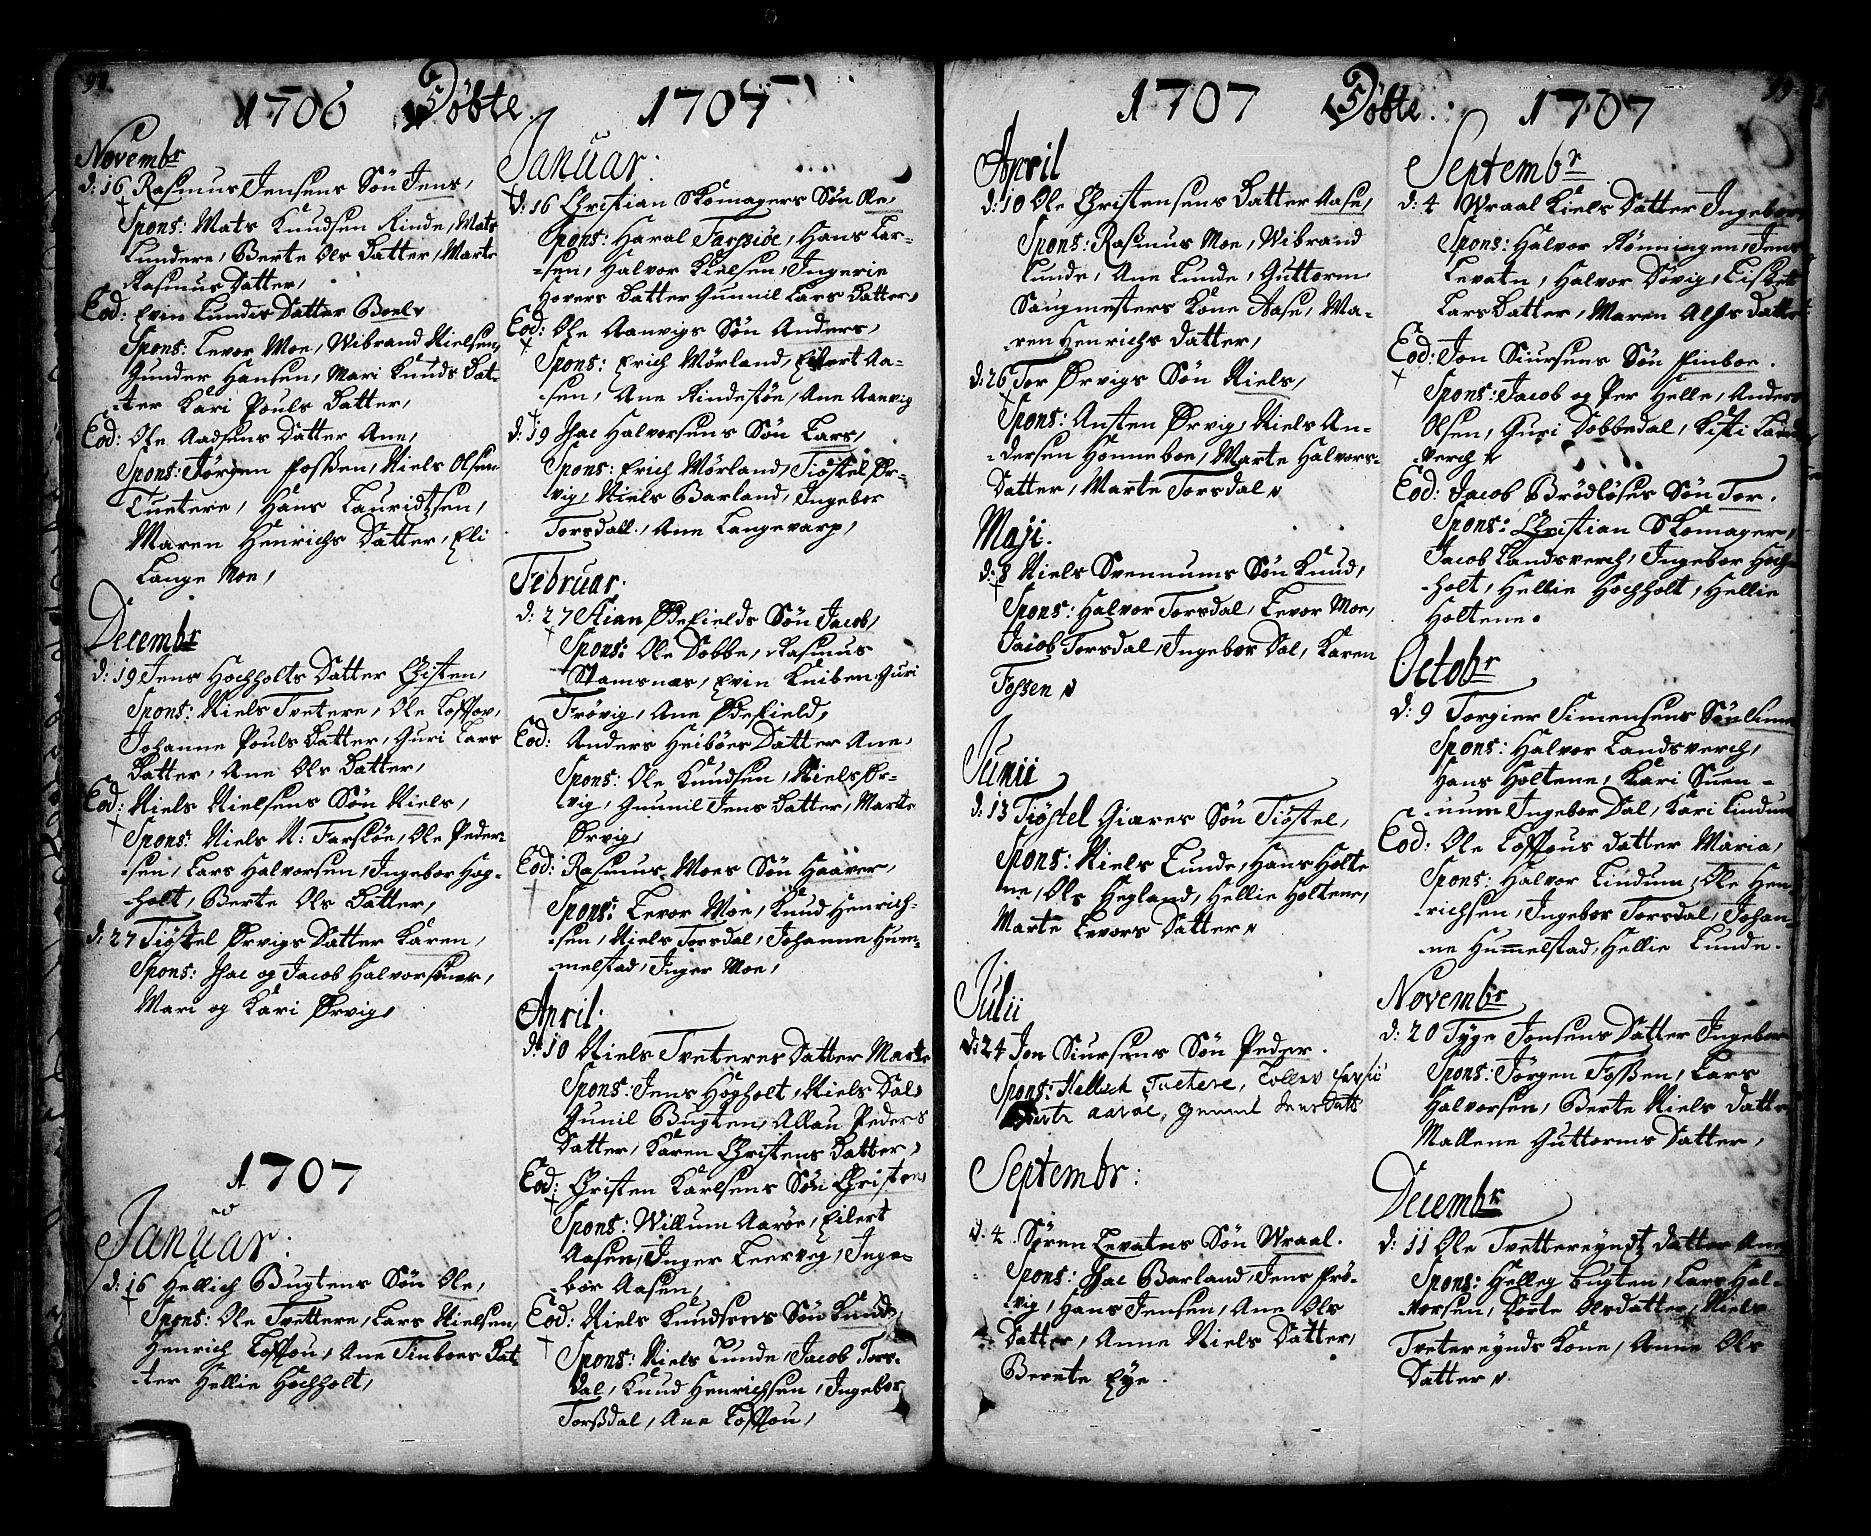 SAKO, Sannidal kirkebøker, F/Fa/L0001: Ministerialbok nr. 1, 1702-1766, s. 98-99